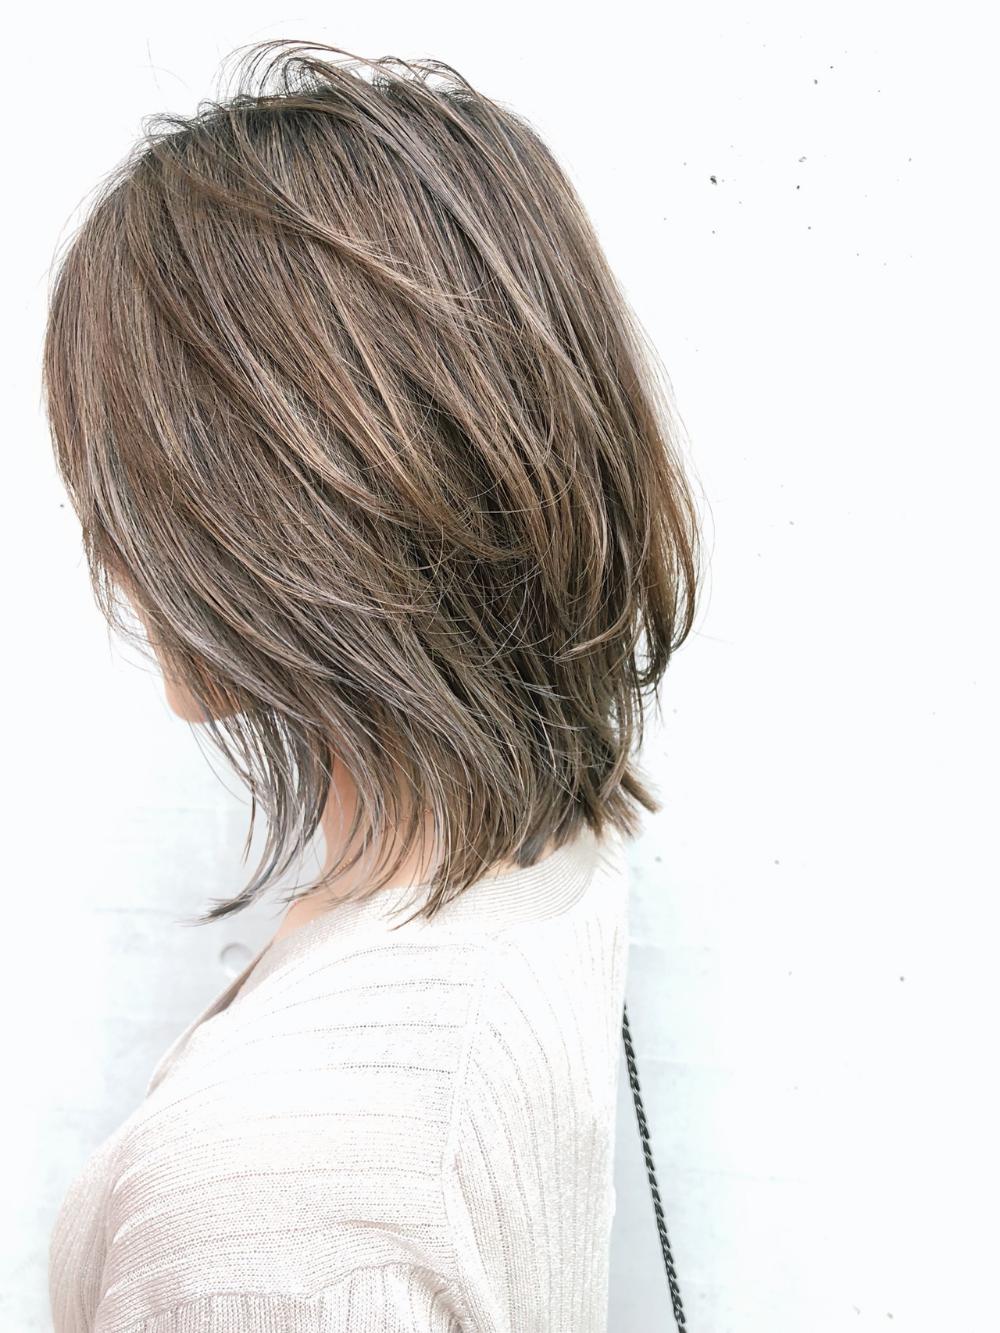 2020年 ミディアム ウルフカットが最強に今っぽい Hair ヘアスタイル ロング ヘアカット ヘアカット ミディアム